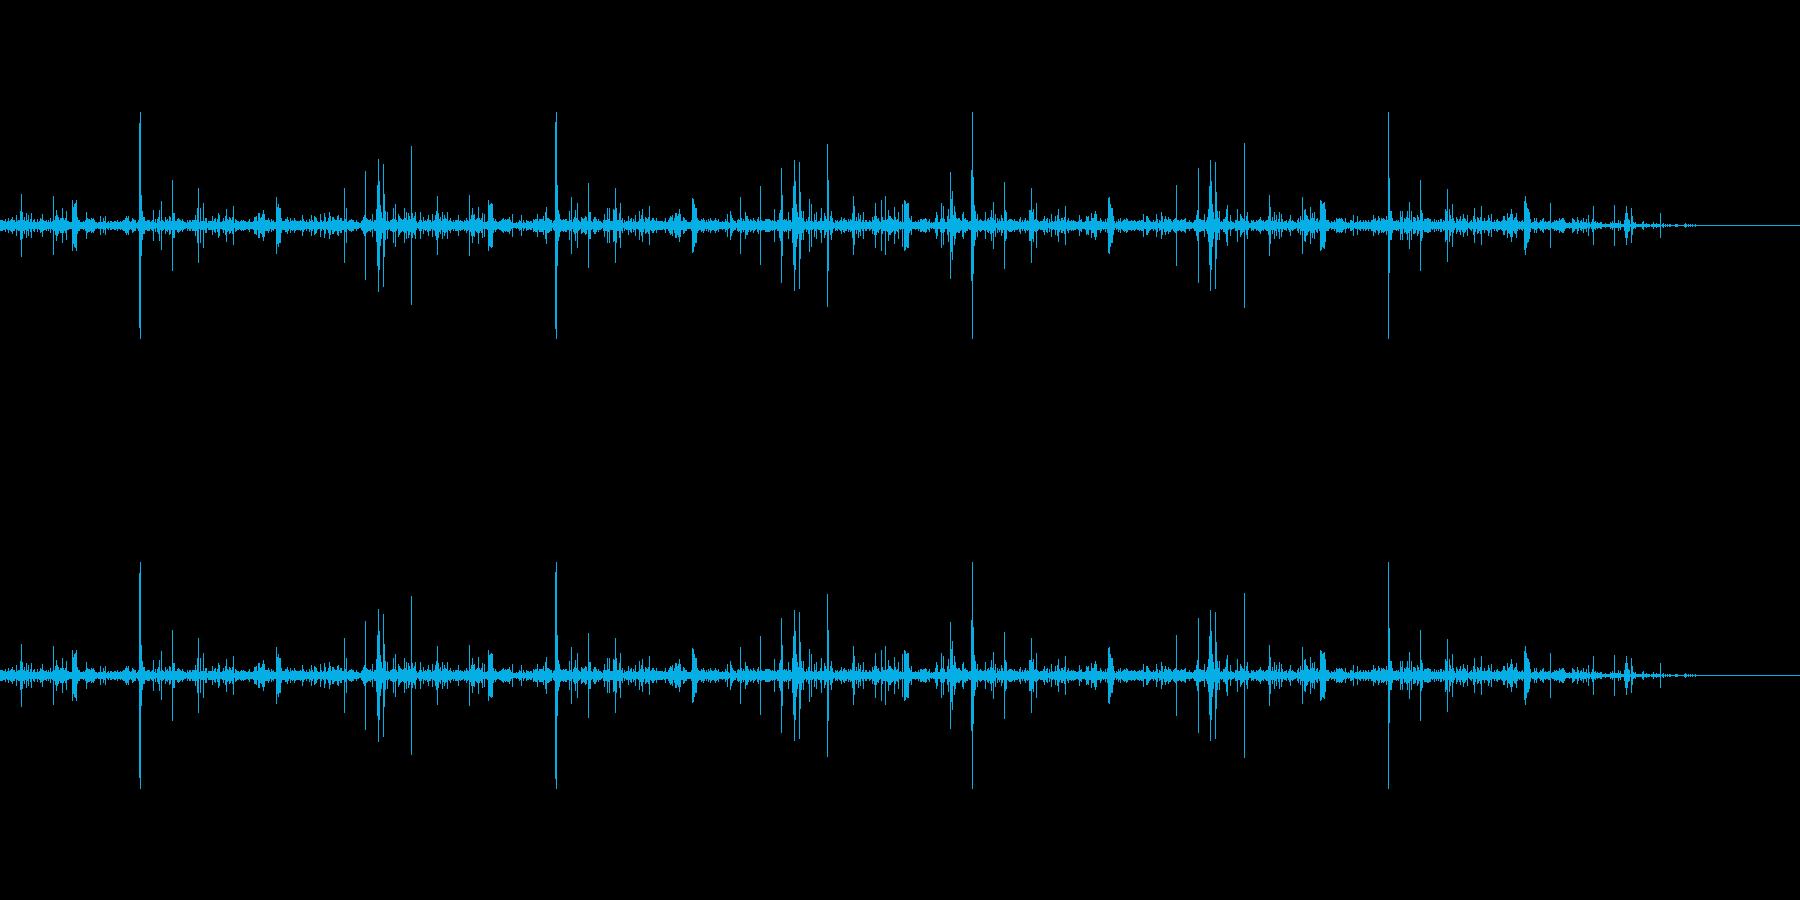 53年前の古いレコードのプチプチ音の再生済みの波形